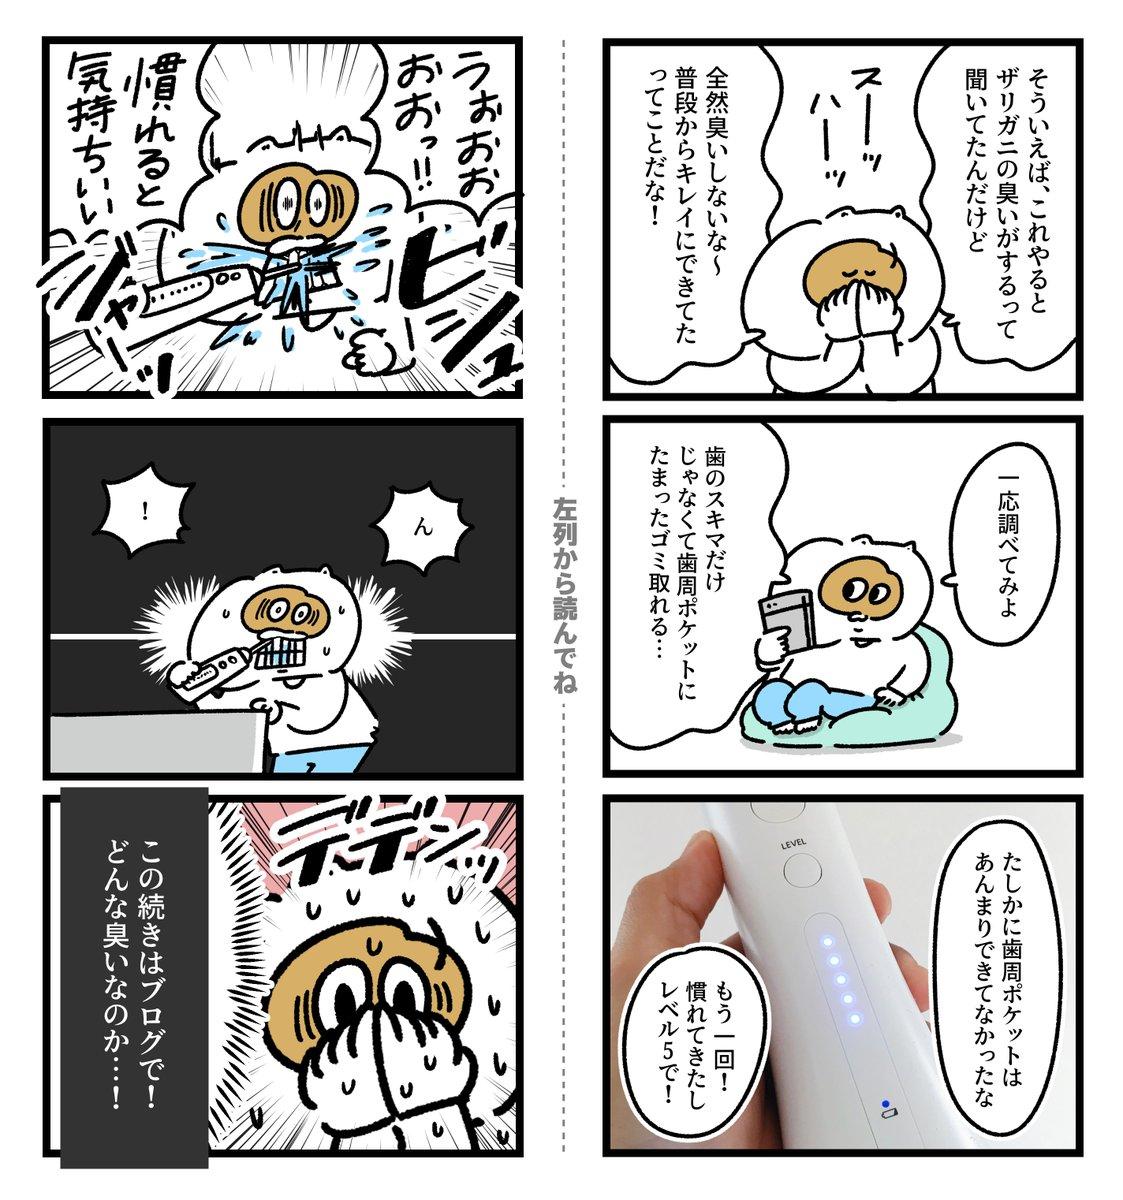 ジェット ウォッシャー 歯 【解説】電動歯ブラシとジェットウォッシャーの正しい使い方を解説します!